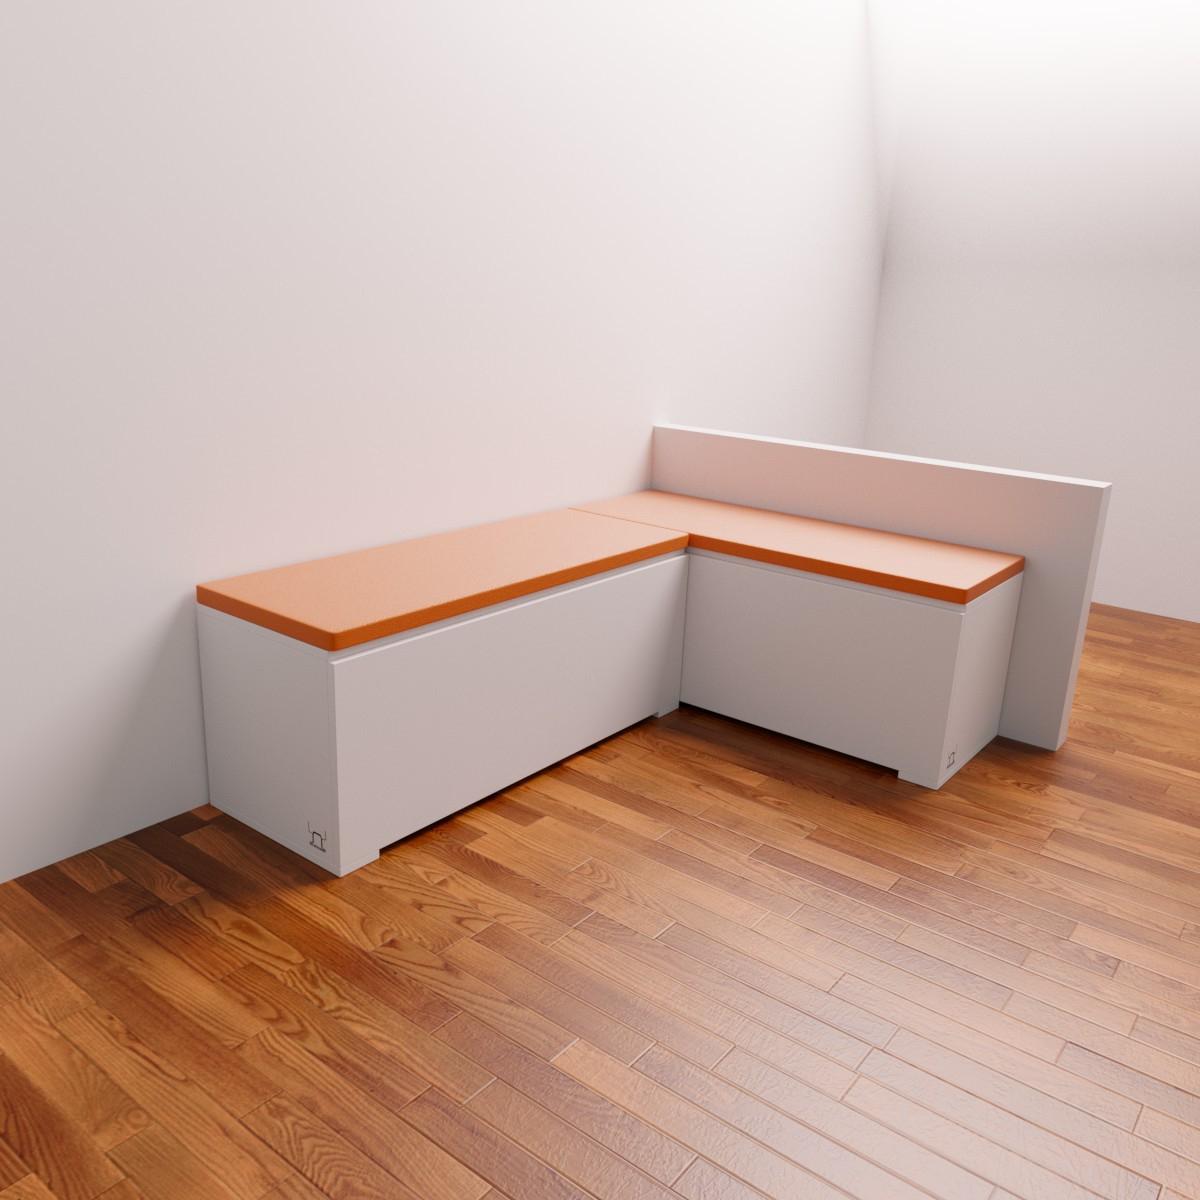 Rinconeras De Cocina Modernas Zwdg Banco Rinconera De Cocina Endor Con asiento Tapizado